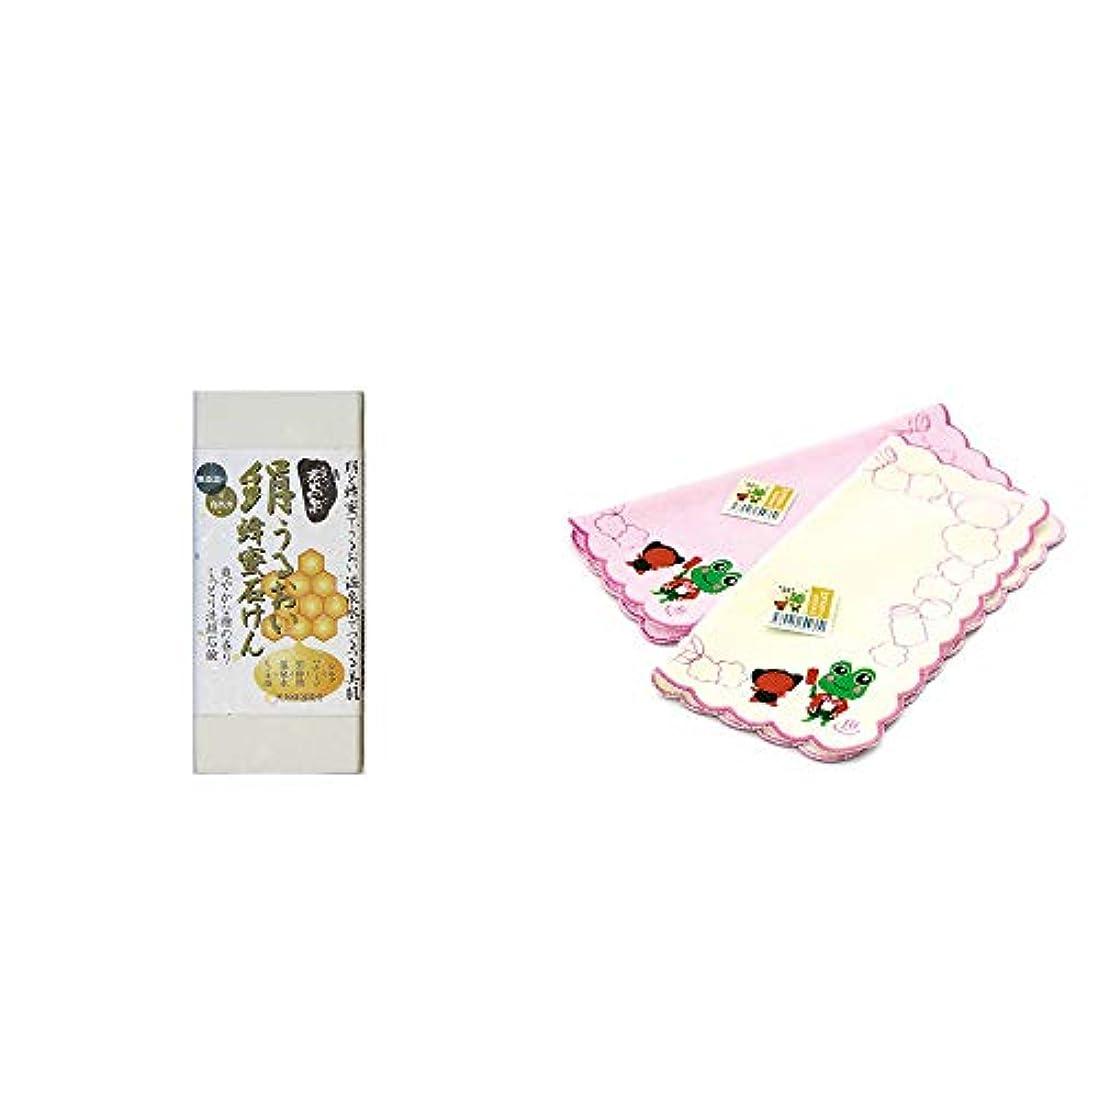 ラブ半導体面[2点セット] ひのき炭黒泉 絹うるおい蜂蜜石けん(75g×2)?下呂温泉限定 さるぼぼ&げろぐるくん ふわふわタオルハンカチ【ピンク】